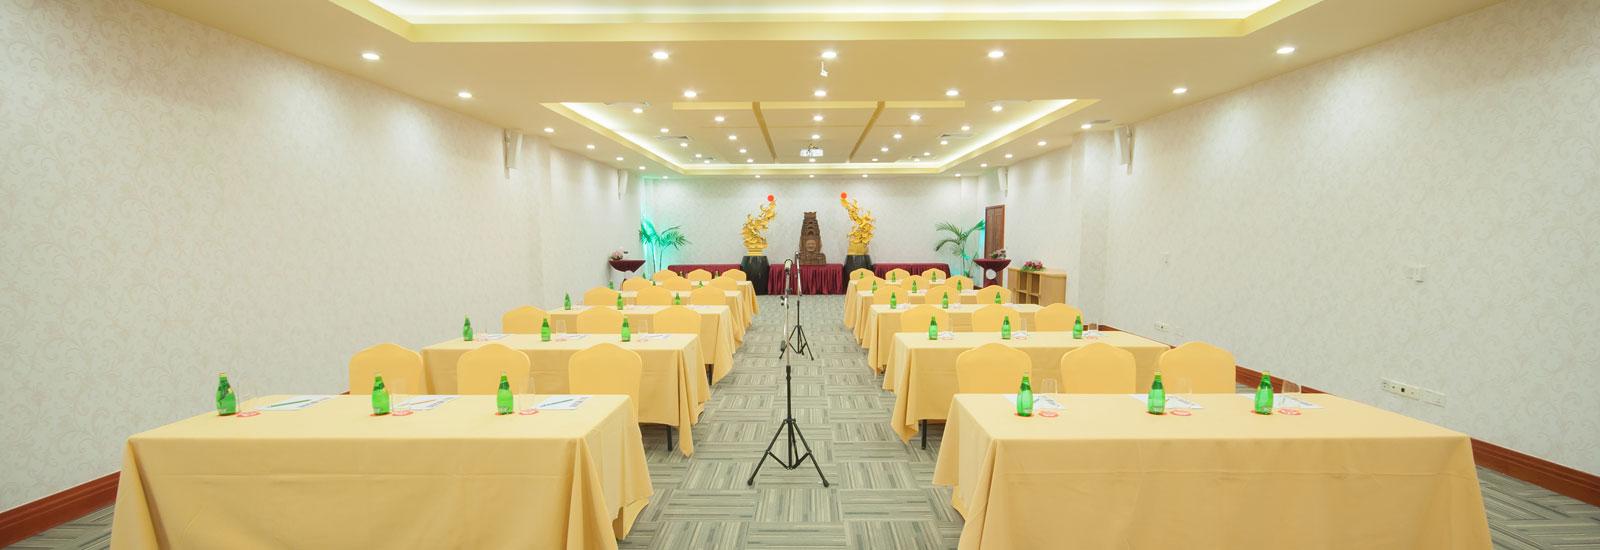 Yihub Meeting Room (Classroom Style)